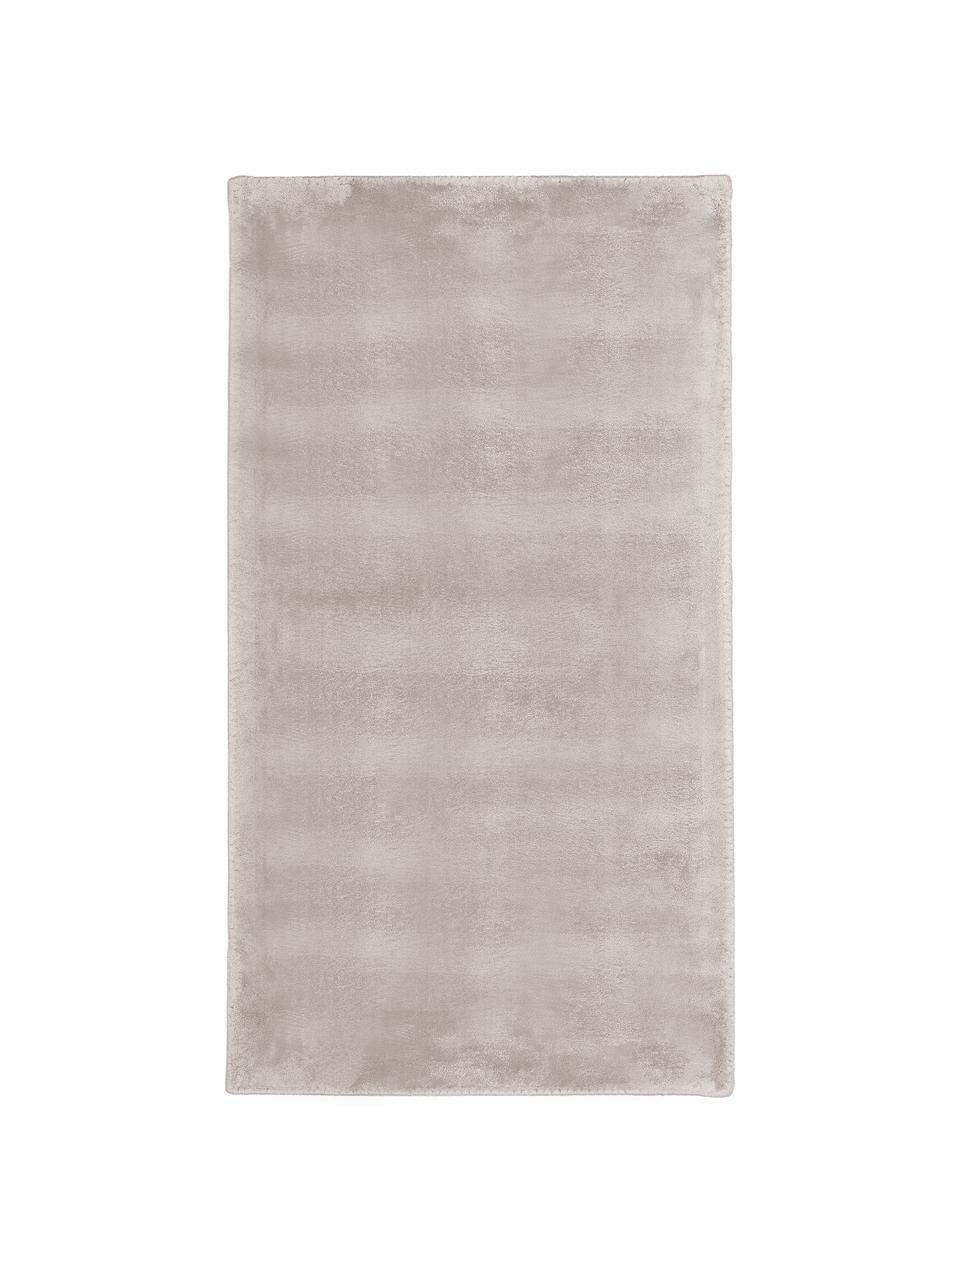 Tappeto molto morbido in viscosa luccicante di qualità premium Grace, Retro: 100% poliestere, Taupe, Larg. 160 x Lung. 230 cm